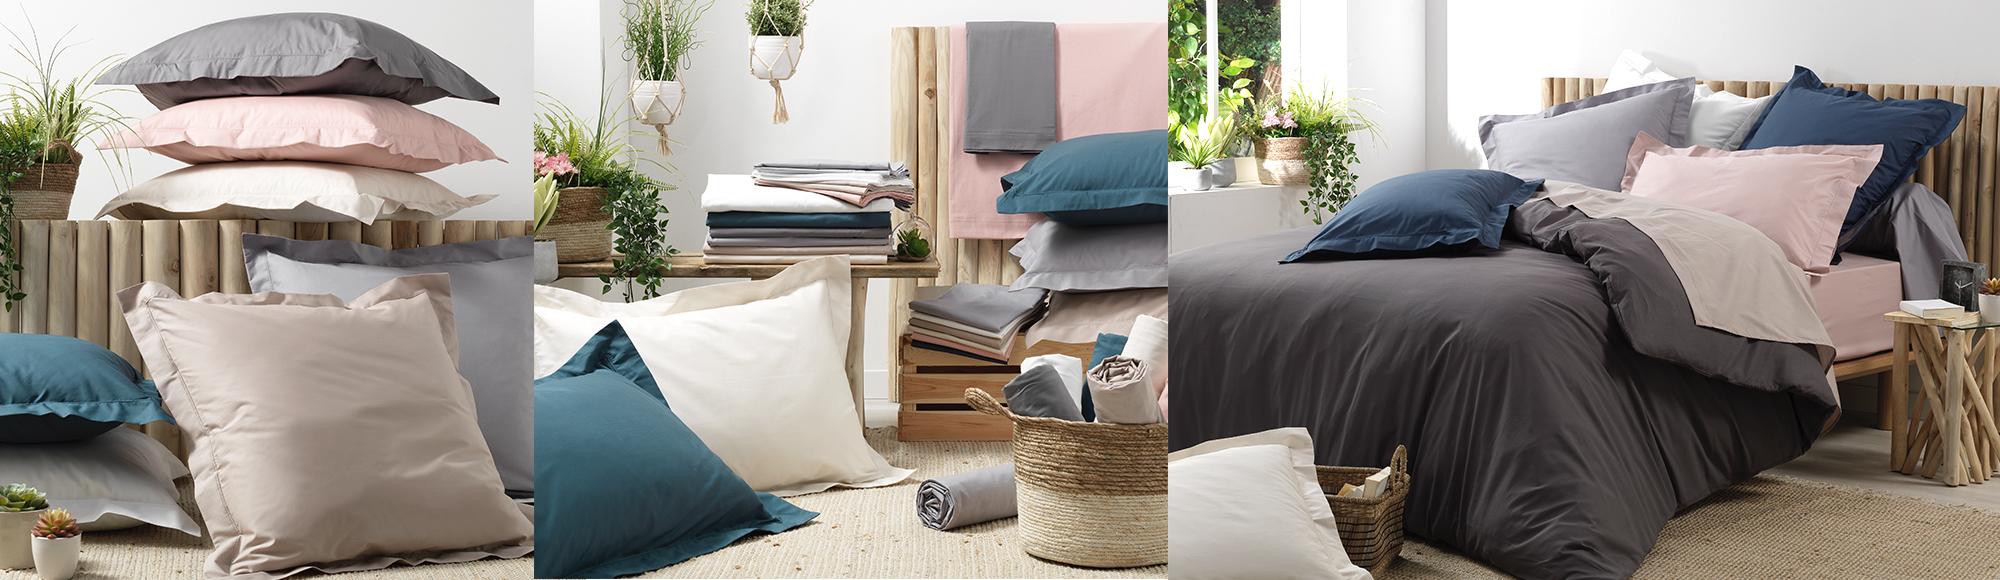 U10 - fournisseur en decoration - douceur d interieur - linge de lit - percale